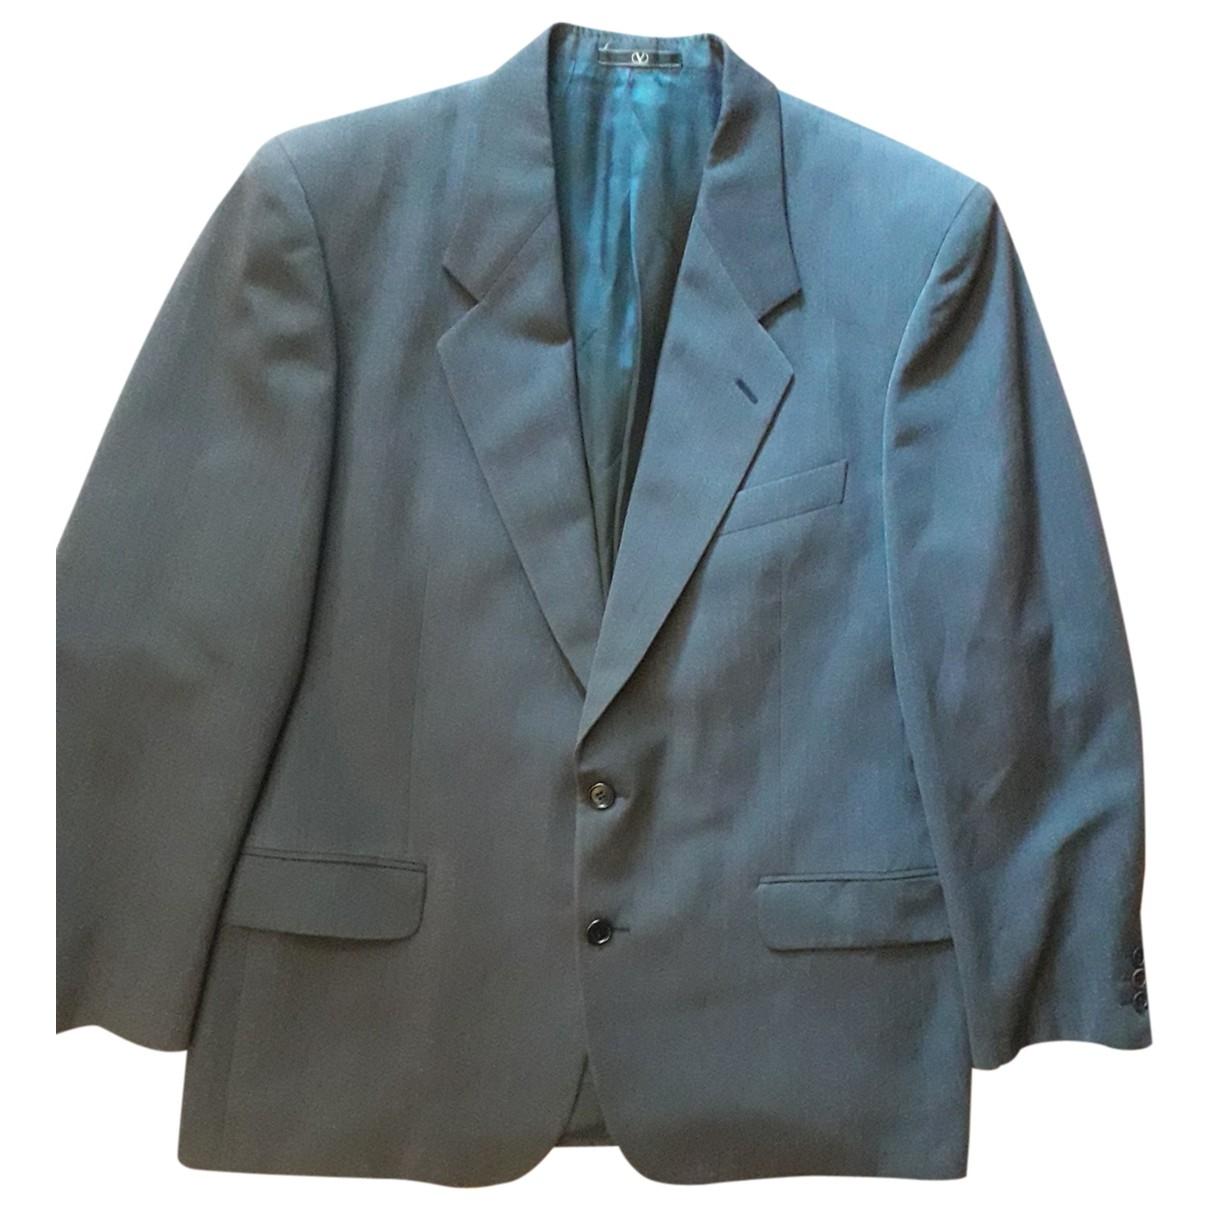 Valentino Garavani - Vestes.Blousons   pour homme en laine - gris